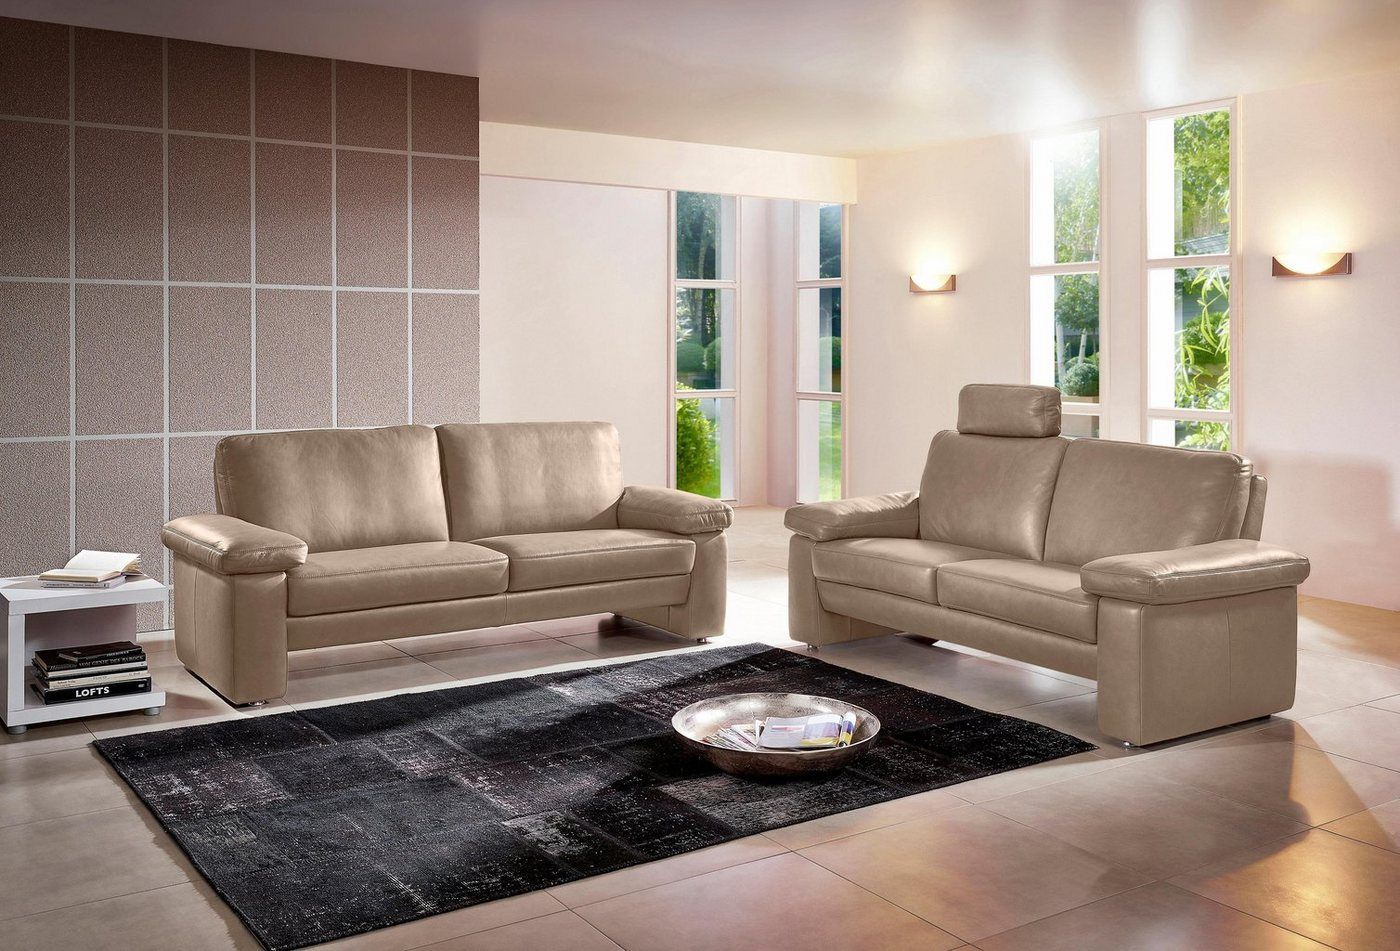 polsterm bel garnitur preisvergleiche erfahrungsberichte und kauf bei nextag. Black Bedroom Furniture Sets. Home Design Ideas